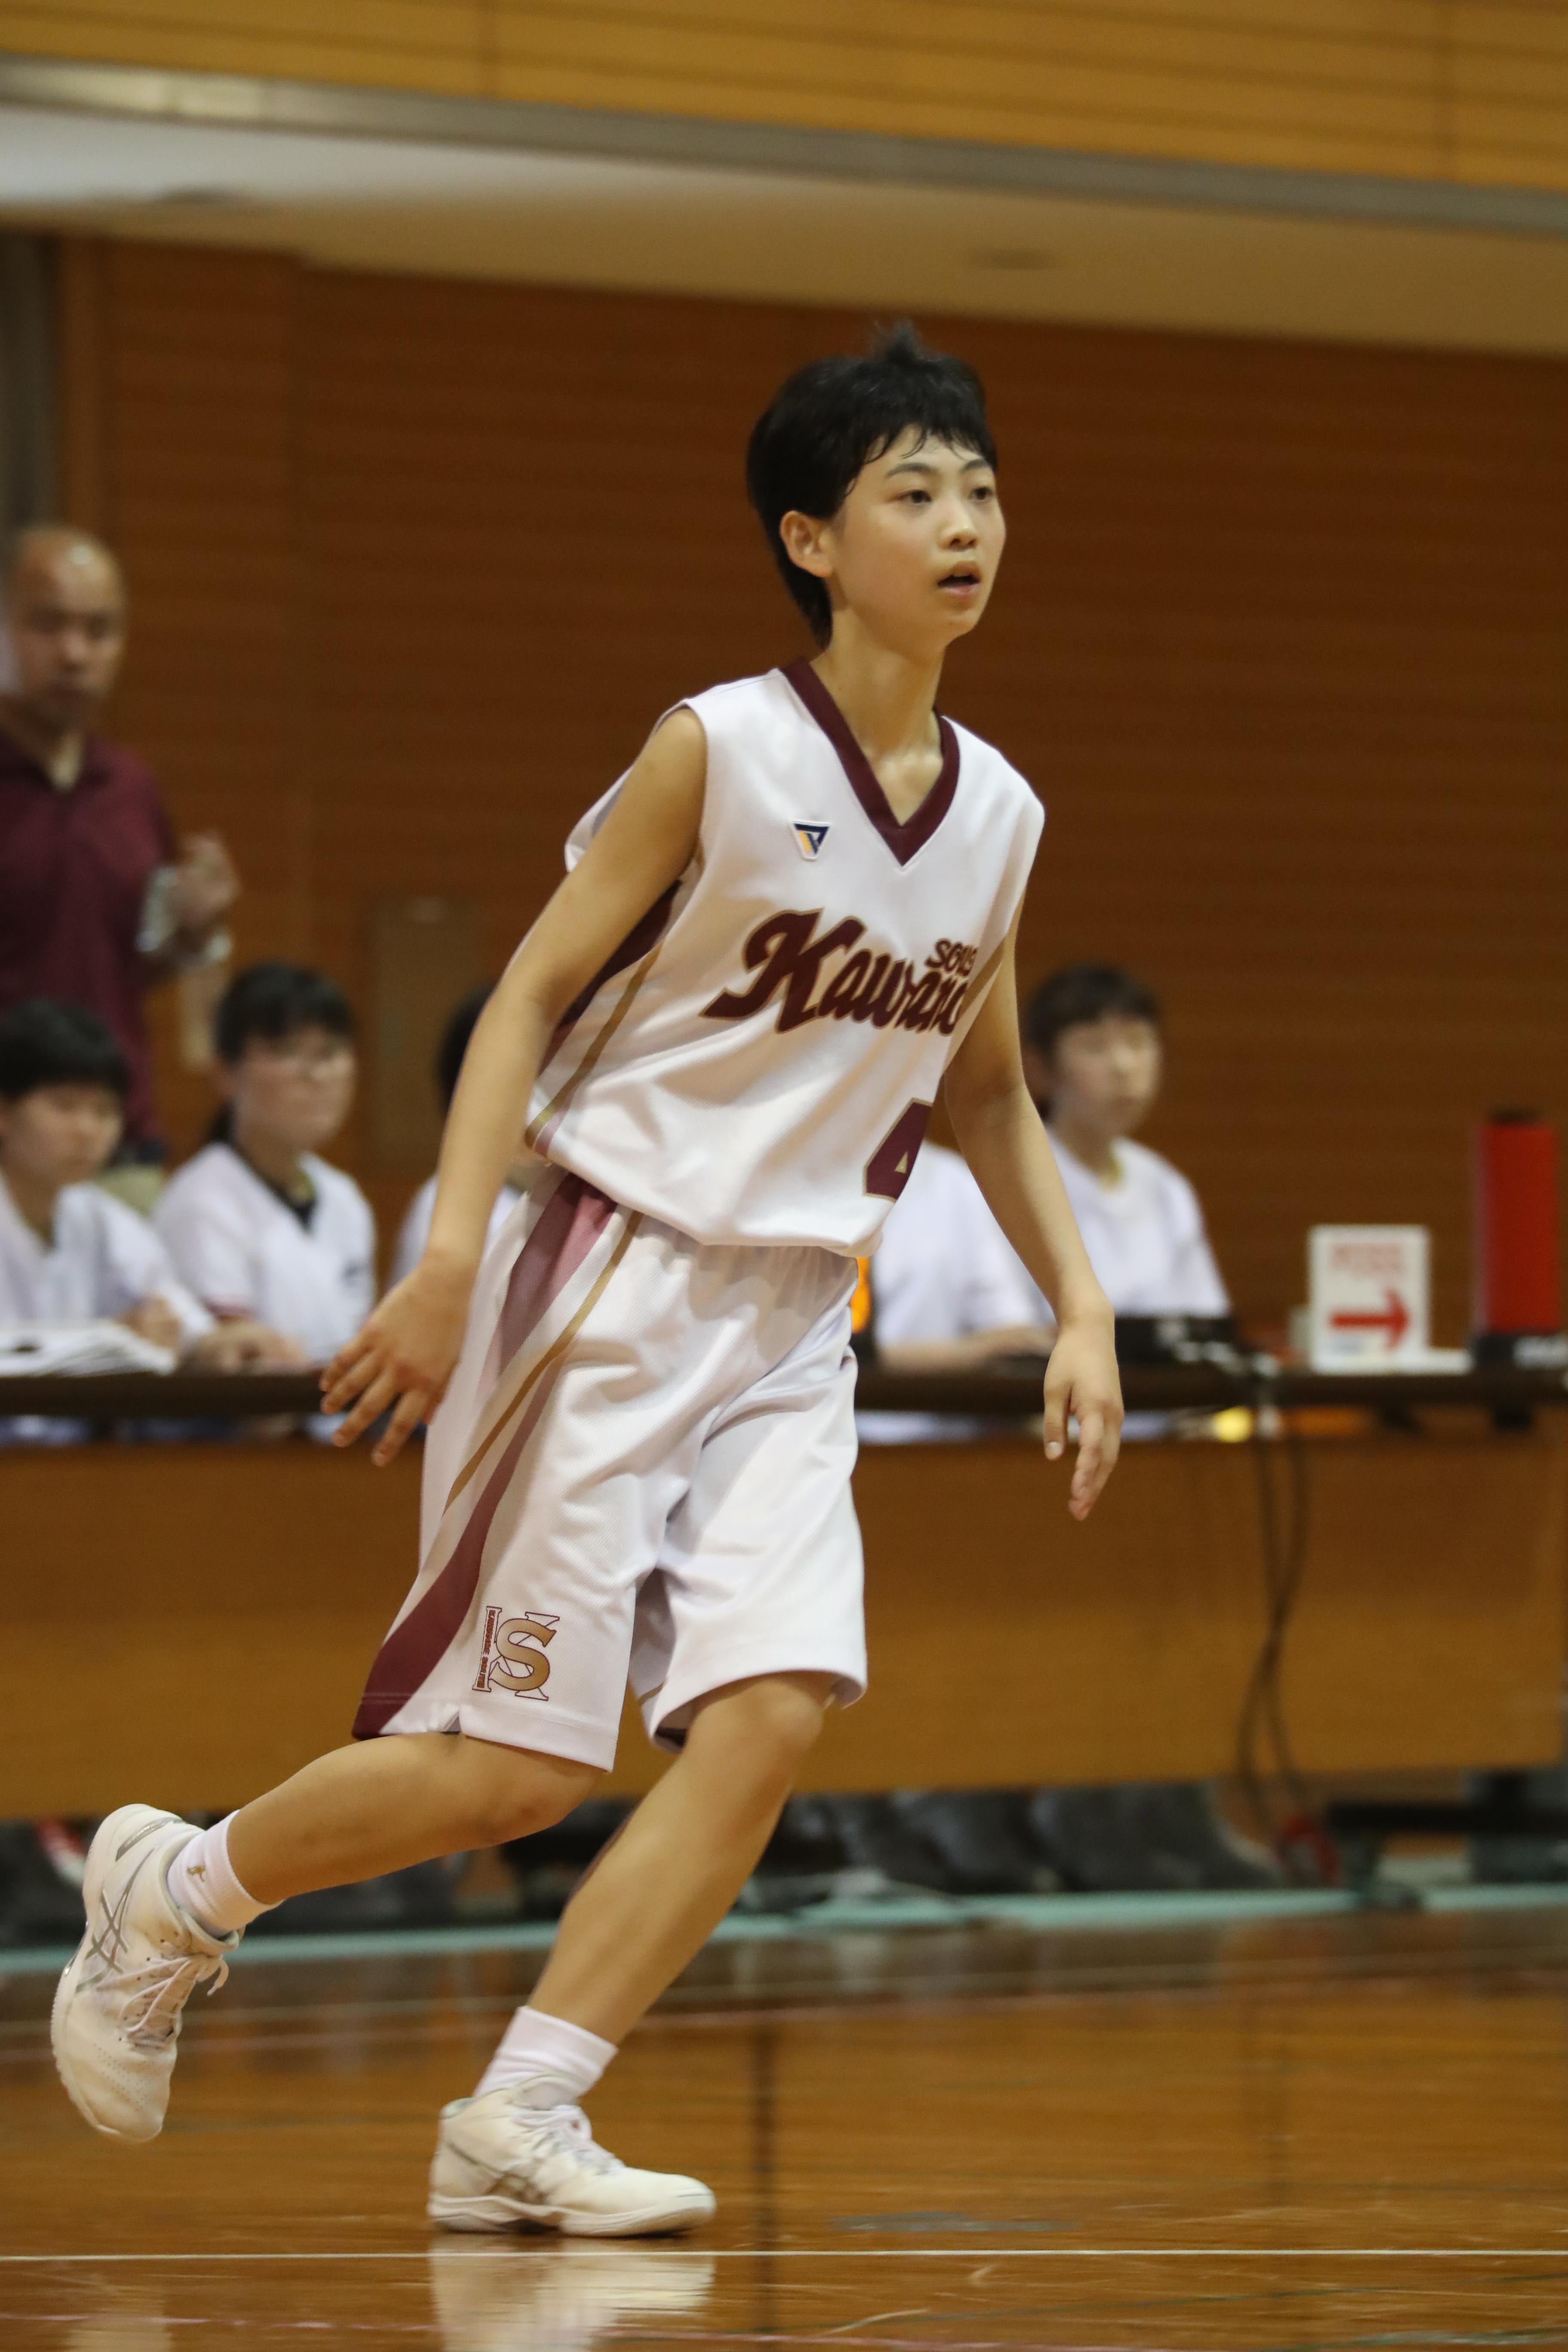 バスケット (102)